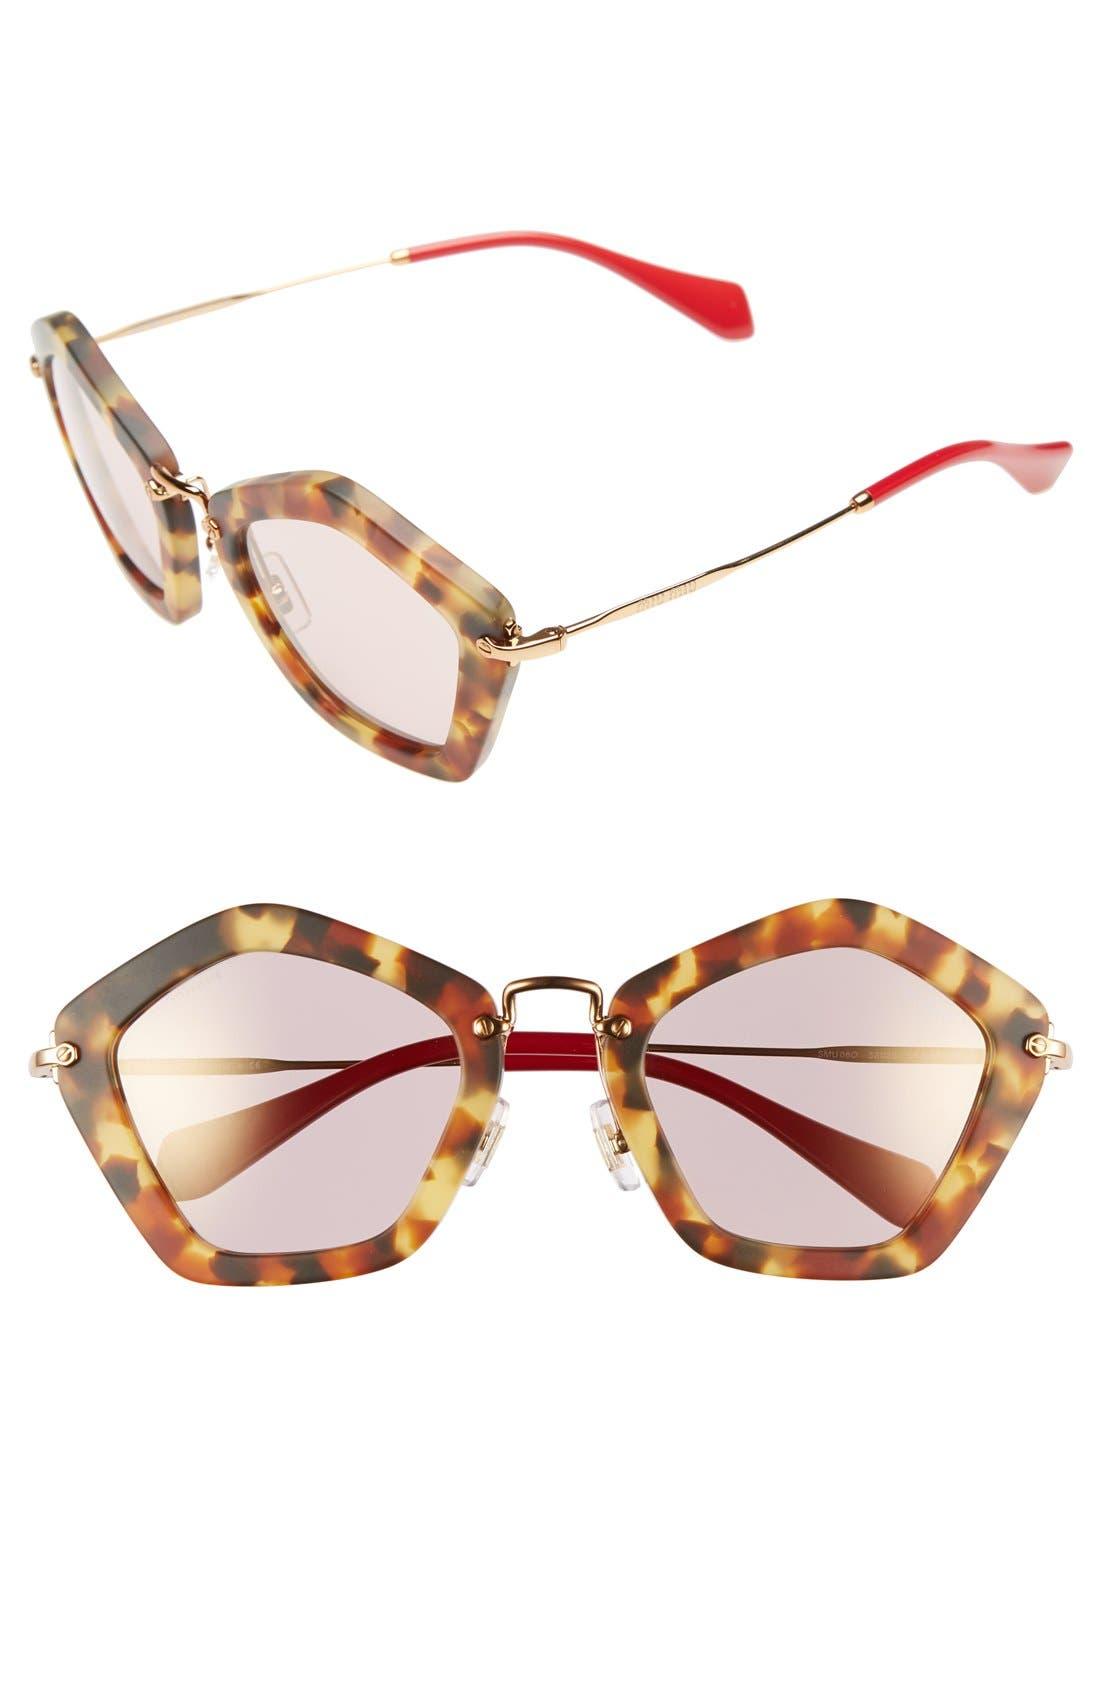 Main Image - Miu Miu 'Noir' 53mm Sunglasses